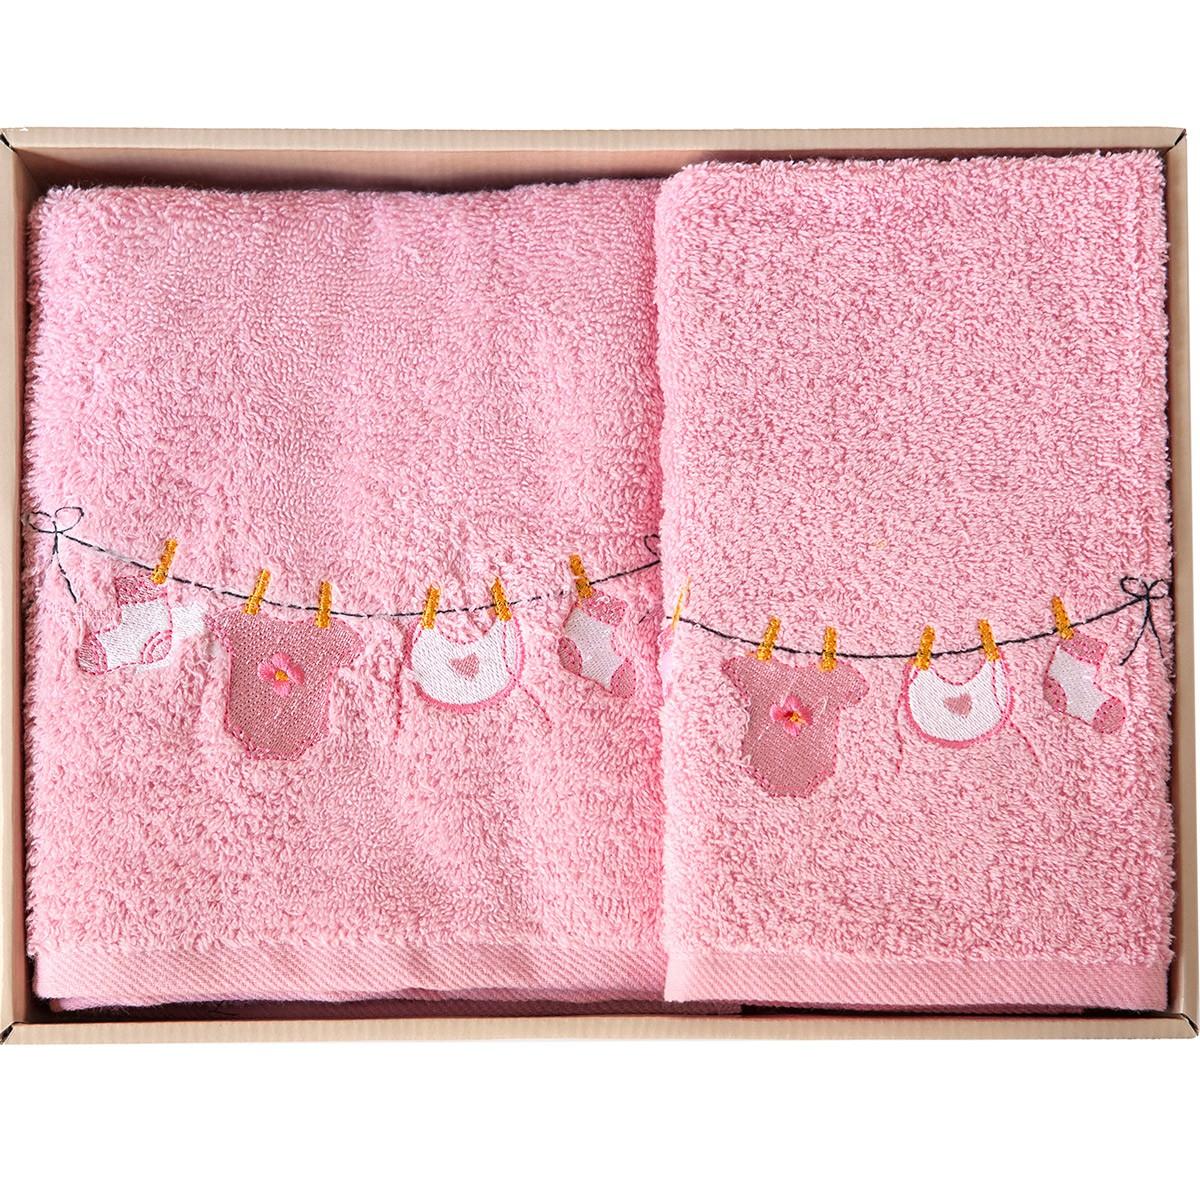 Βρεφικές Πετσέτες (Σετ 2τμχ) Melinen Clothes Pink X Pink